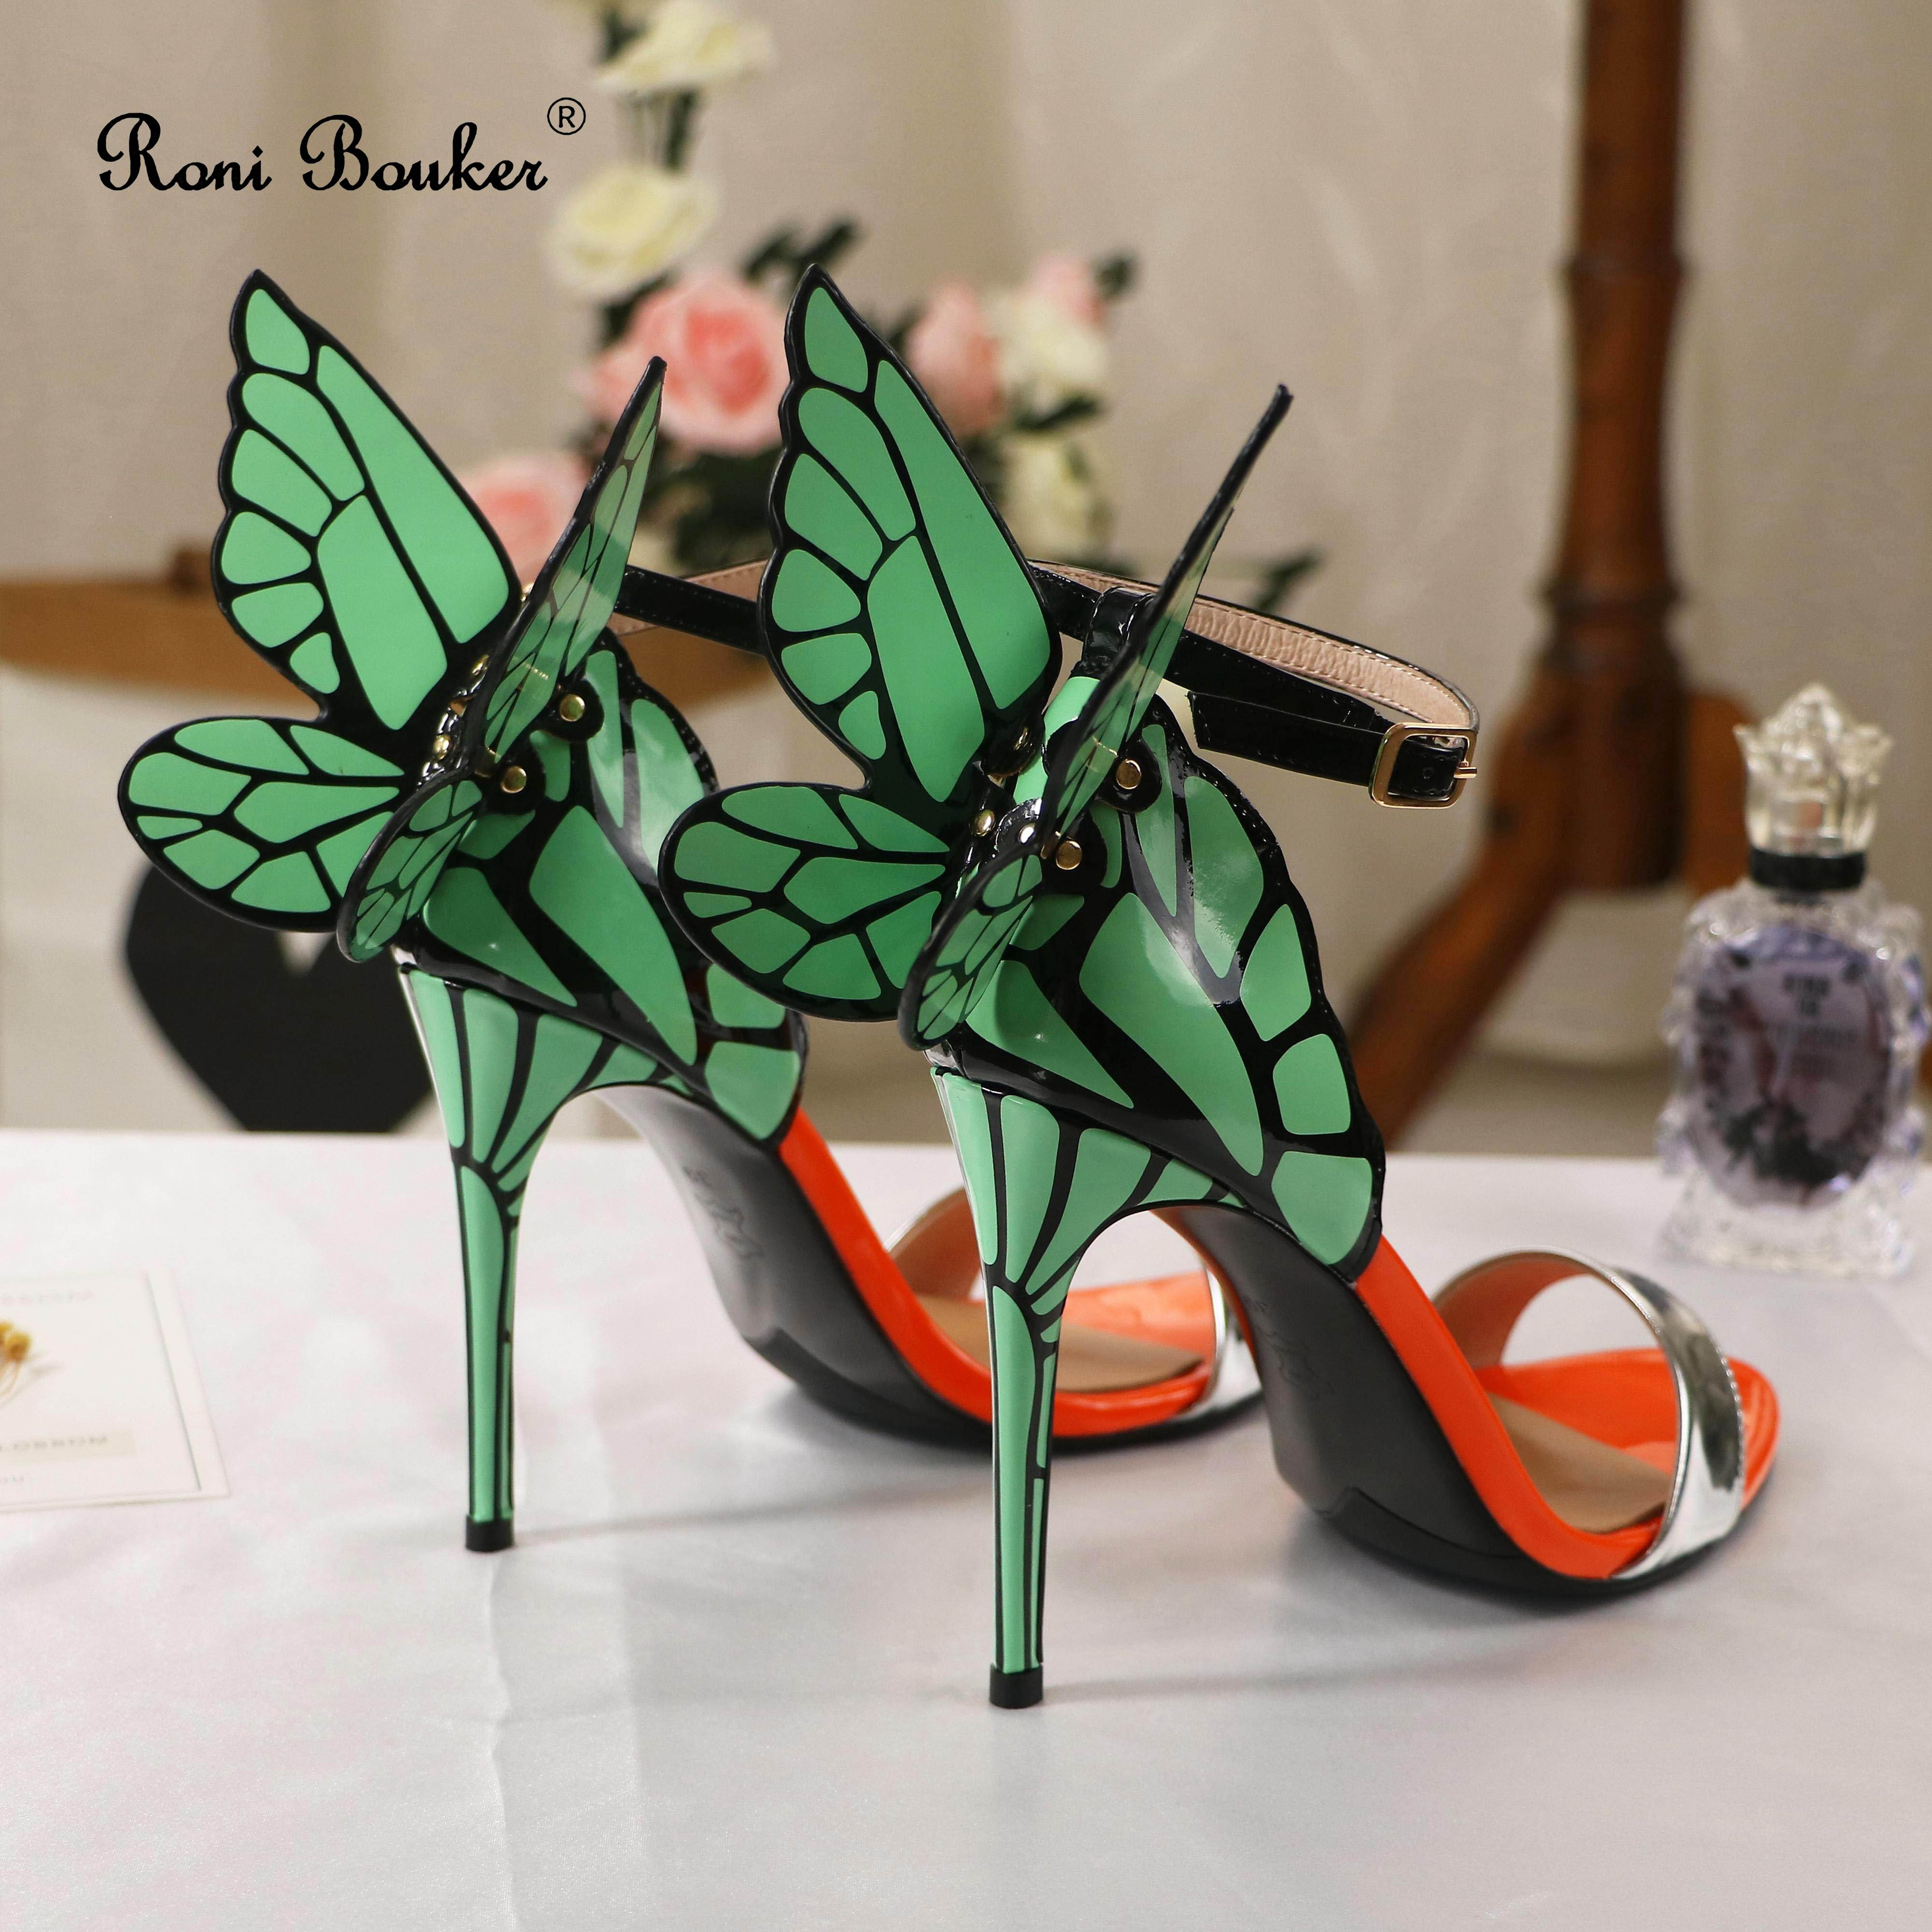 Roni Bouker ผู้หญิง Strappy รองเท้าส้นสูงผู้หญิงรองเท้าแตะส้นของแท้หนังฤดูร้อนรองเท้าผู้หญิง Wing รองเท้าแตะ Dropshipping-ใน รองเท้าส้นสูง จาก รองเท้า บน   1